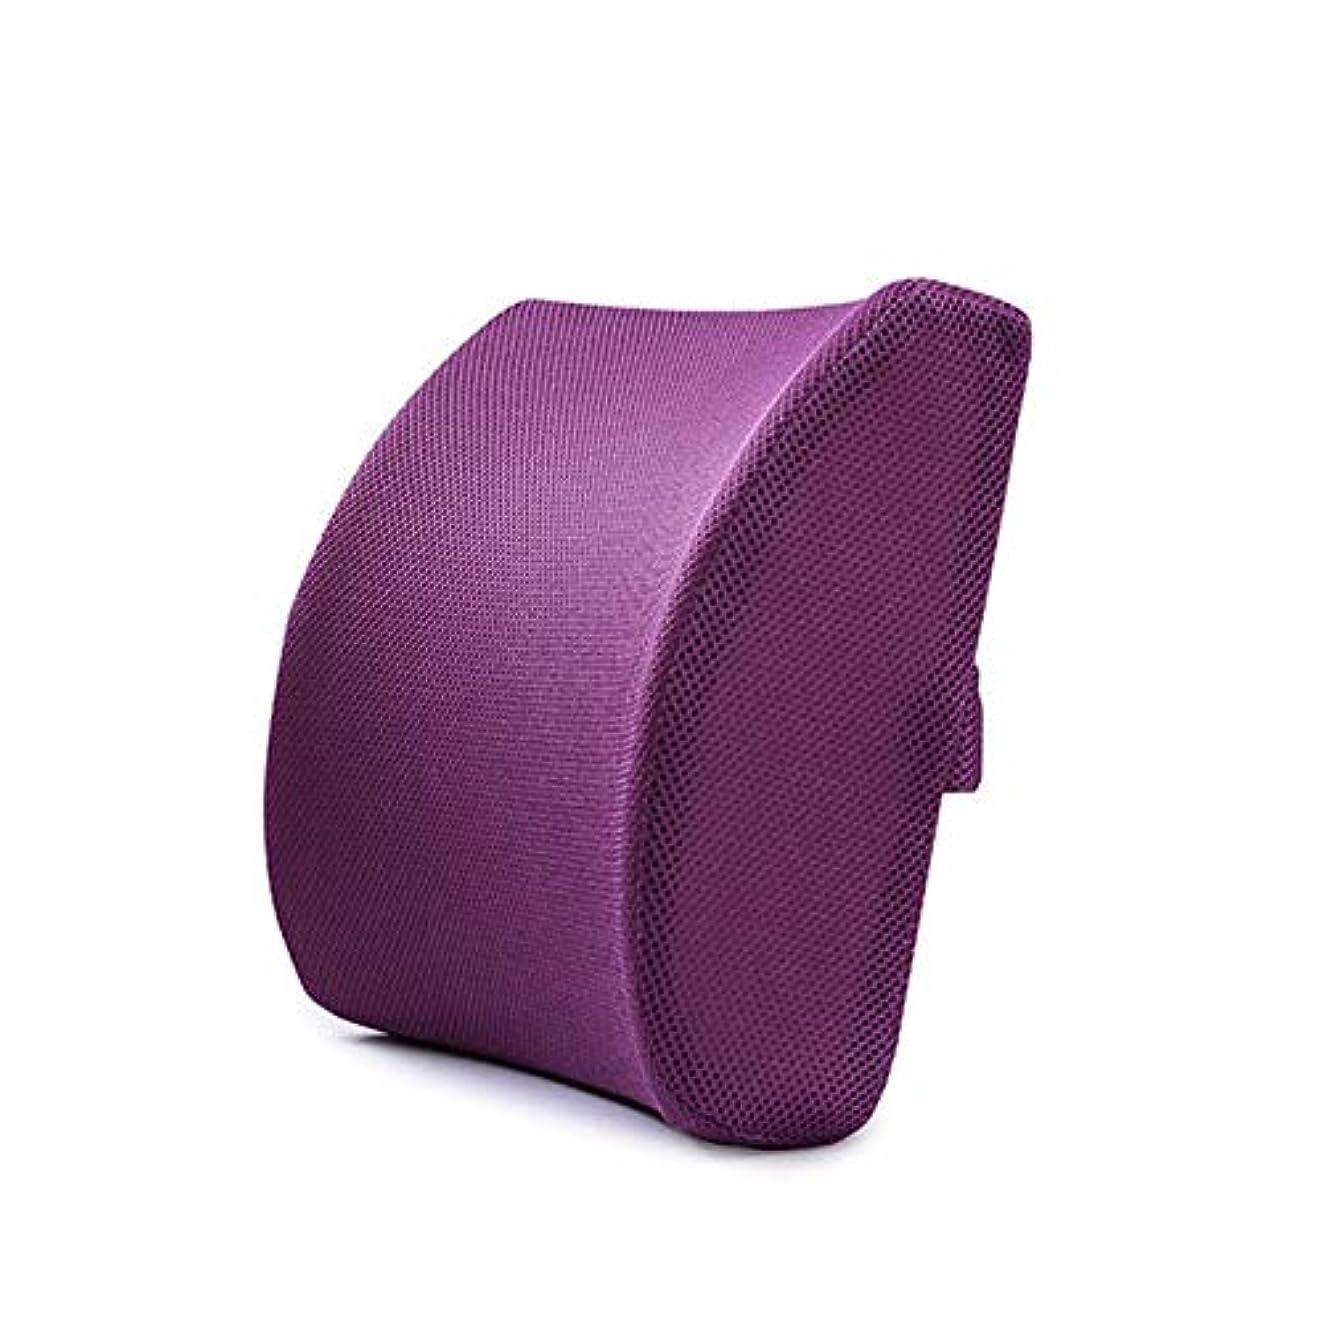 甘い高揚したロマンチックLIFE ホームオフィス背もたれ椅子腰椎クッションカーシートネック枕 3D 低反発サポートバックマッサージウエストレスリビング枕 クッション 椅子